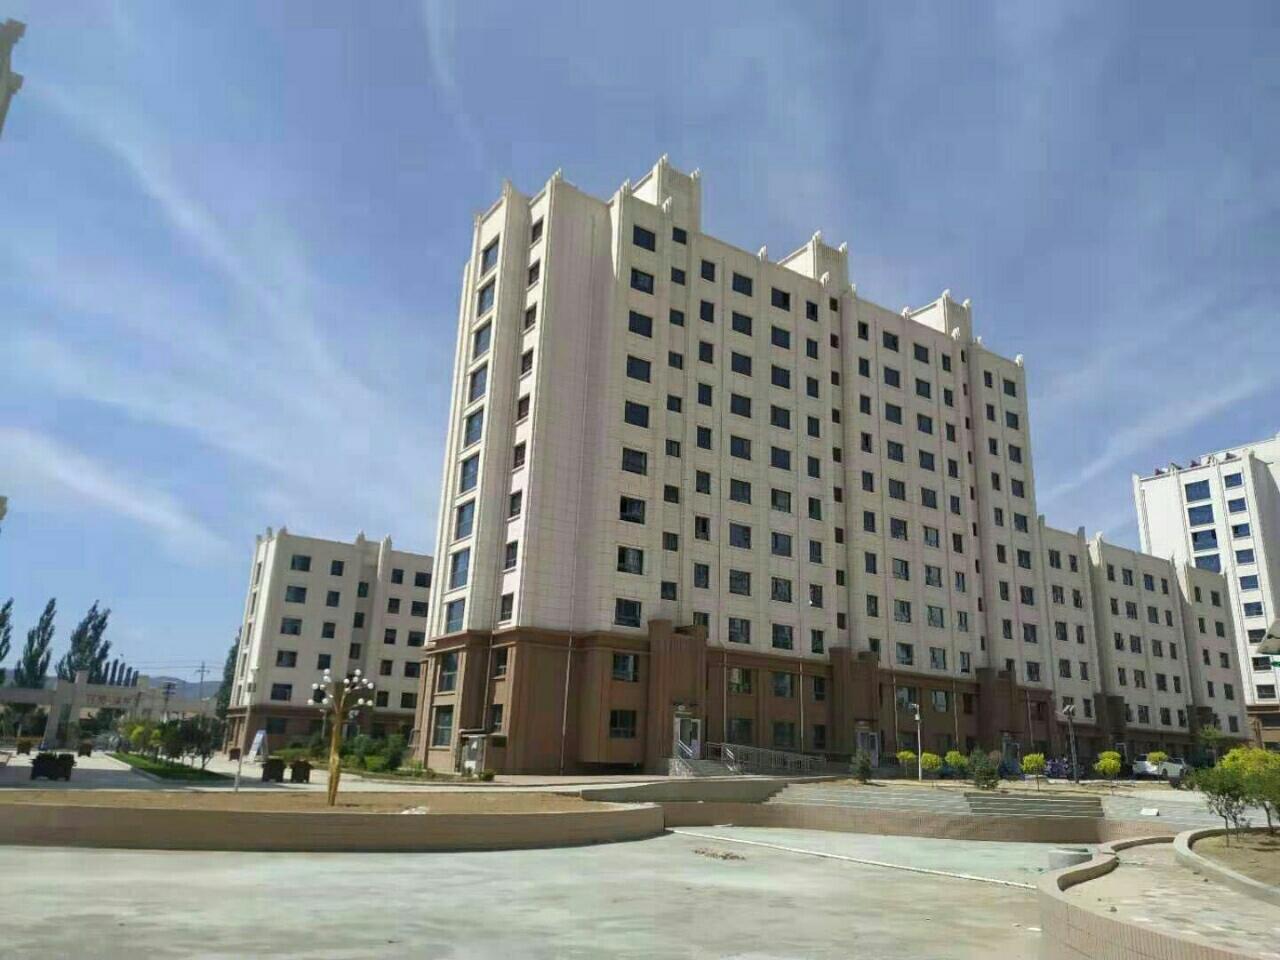 張家口高鐵新城洋房樓房價格多少錢出售可貸款可落戶